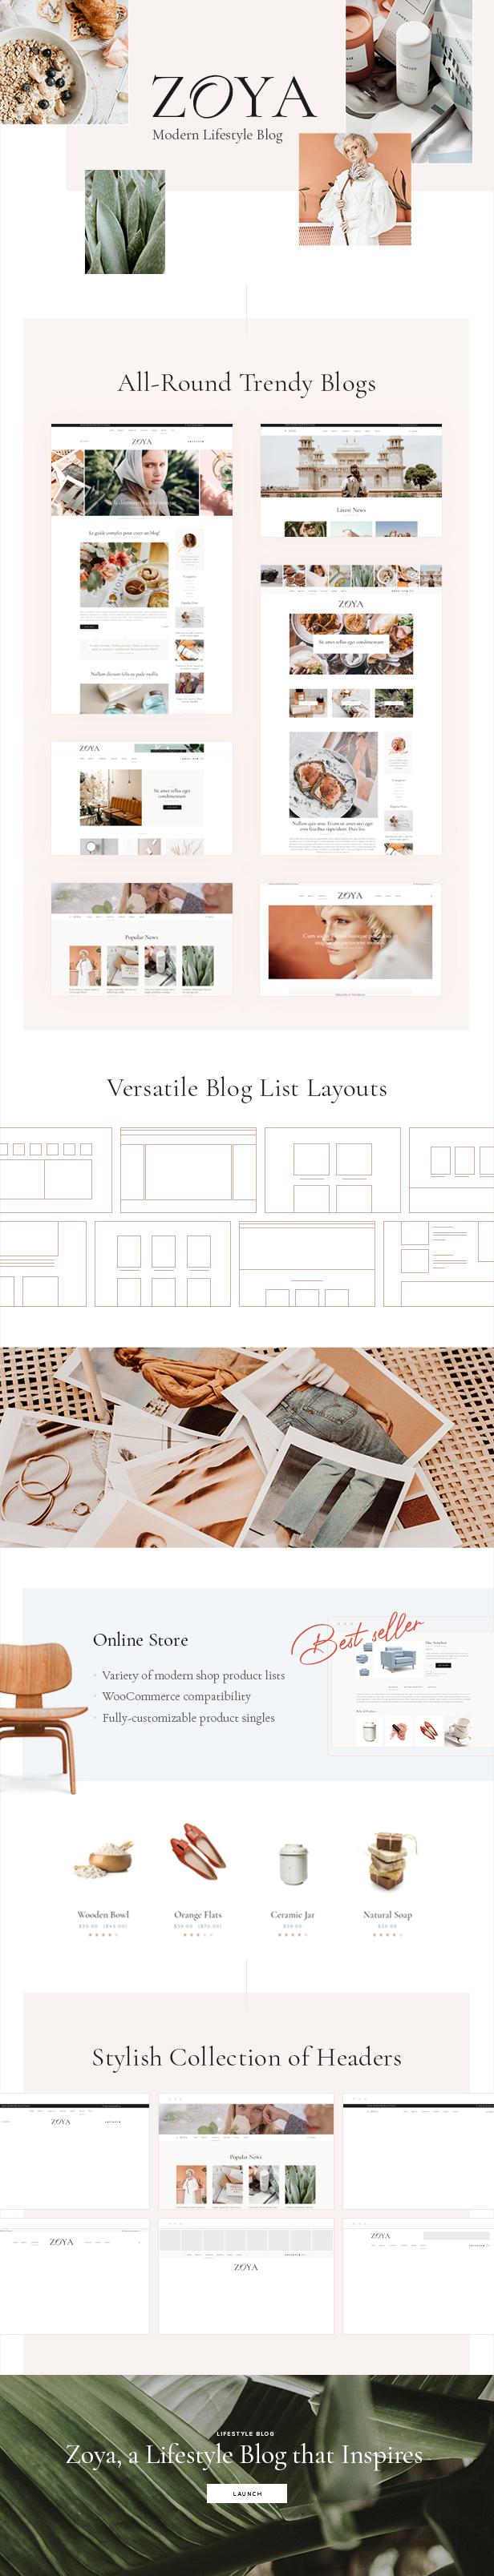 Zoya - Lifestyle Blog - 3